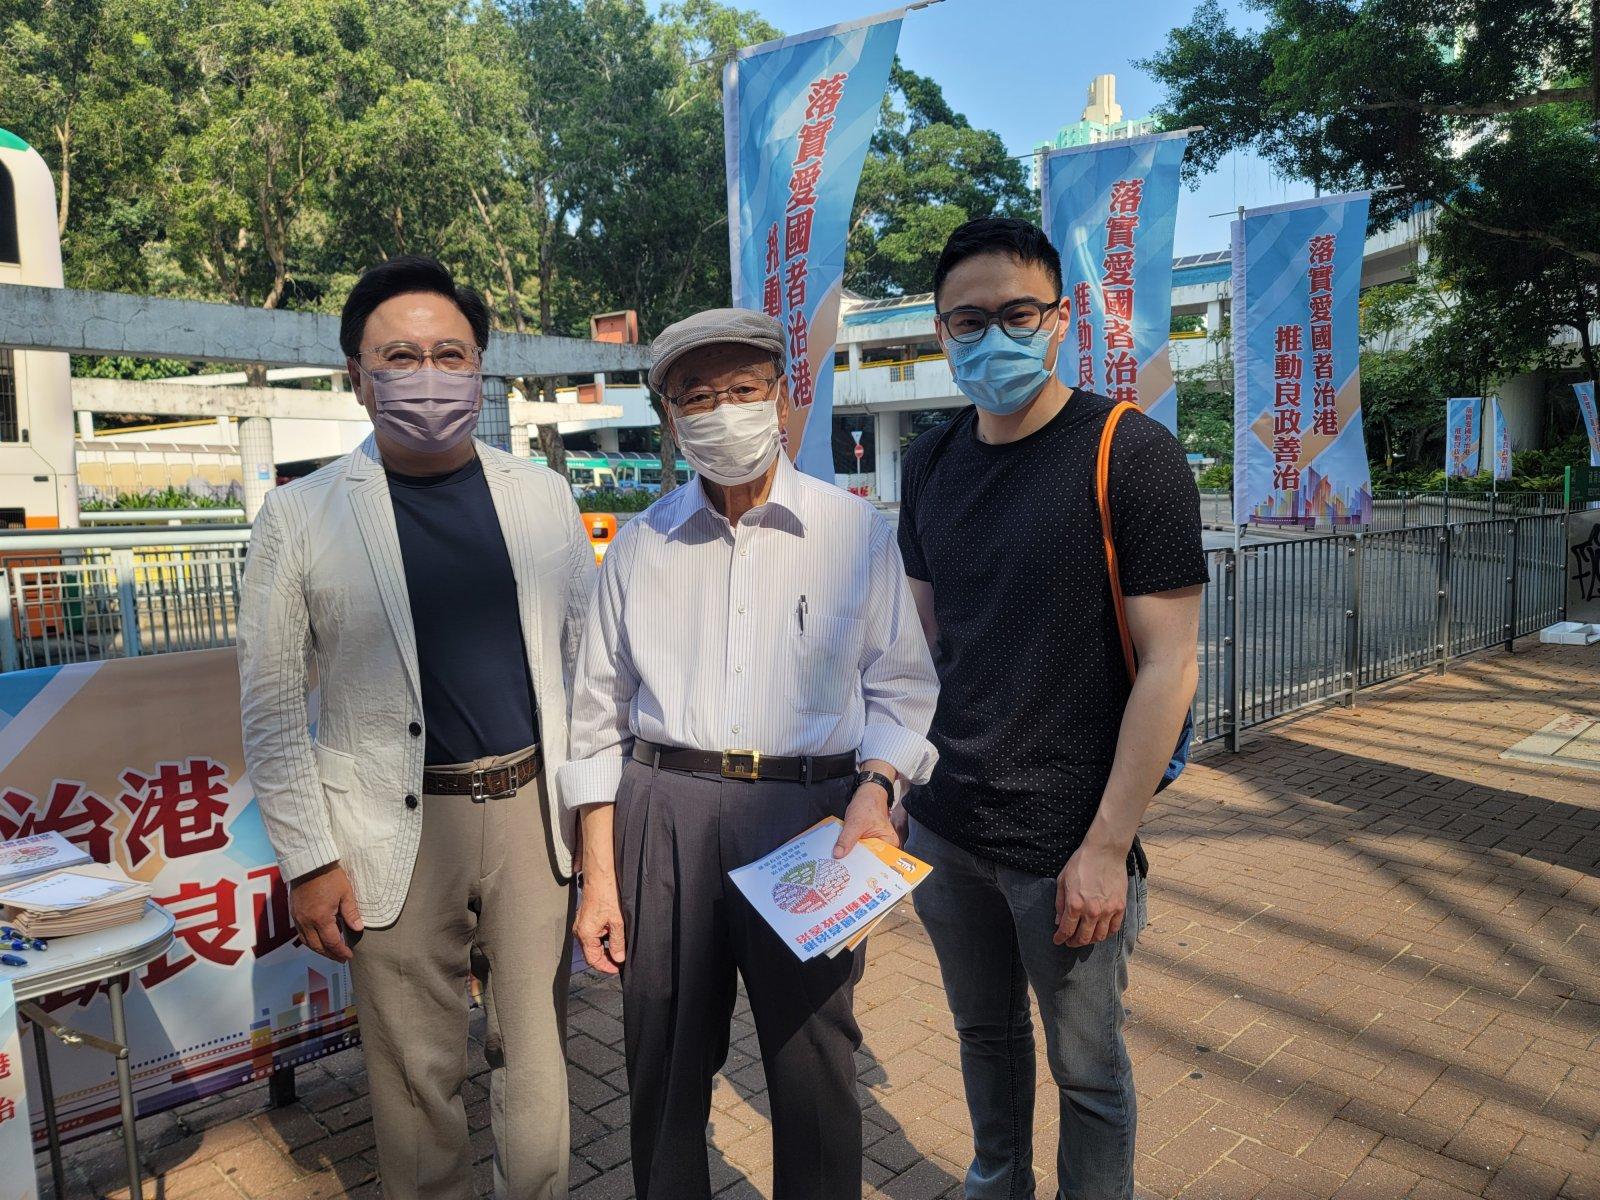 香港藝術發展局主席王英偉(左)帶同家父和兒子到東區耀東街站派傳單。